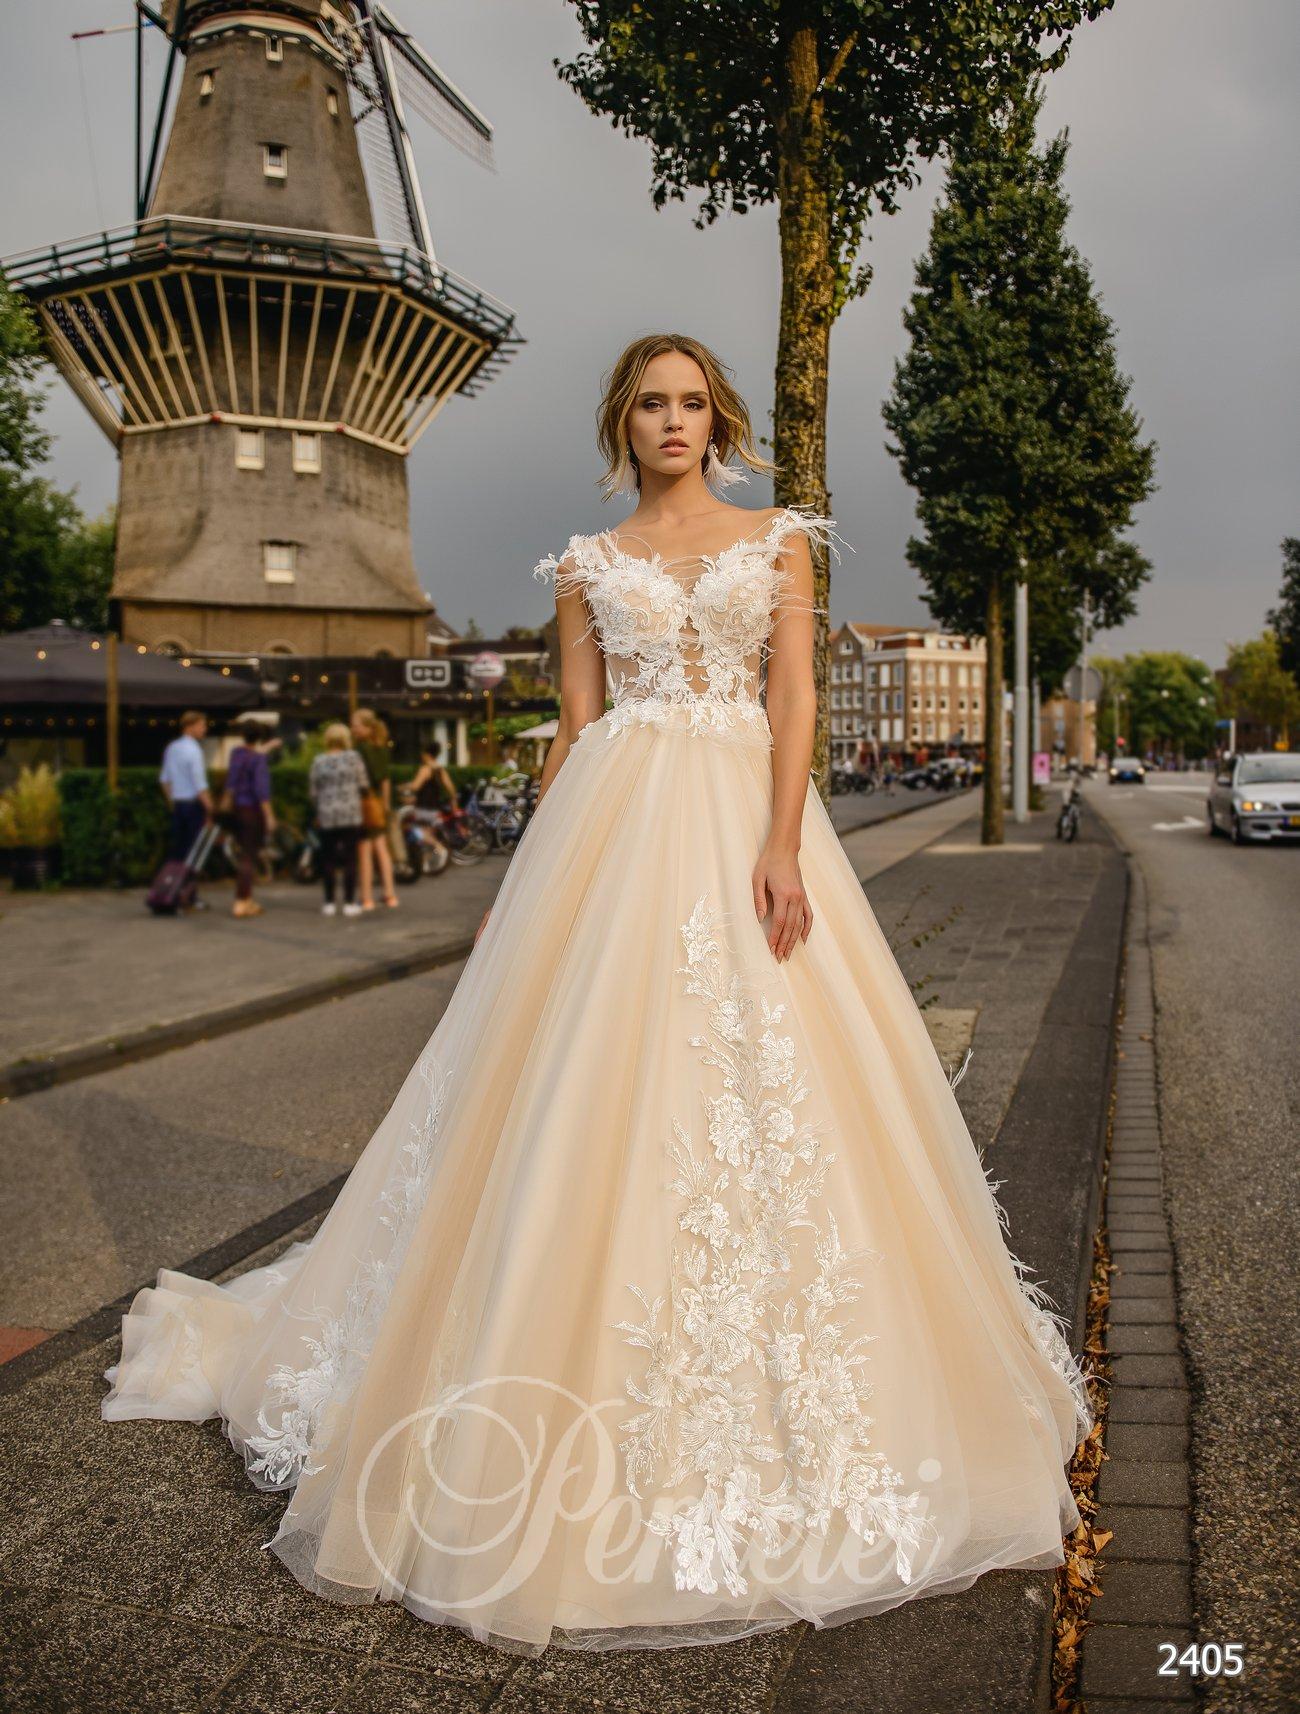 5cec5133f9af40 Весільна сукню з пір'ям | Купити весільні сукні оптом від Pentelei